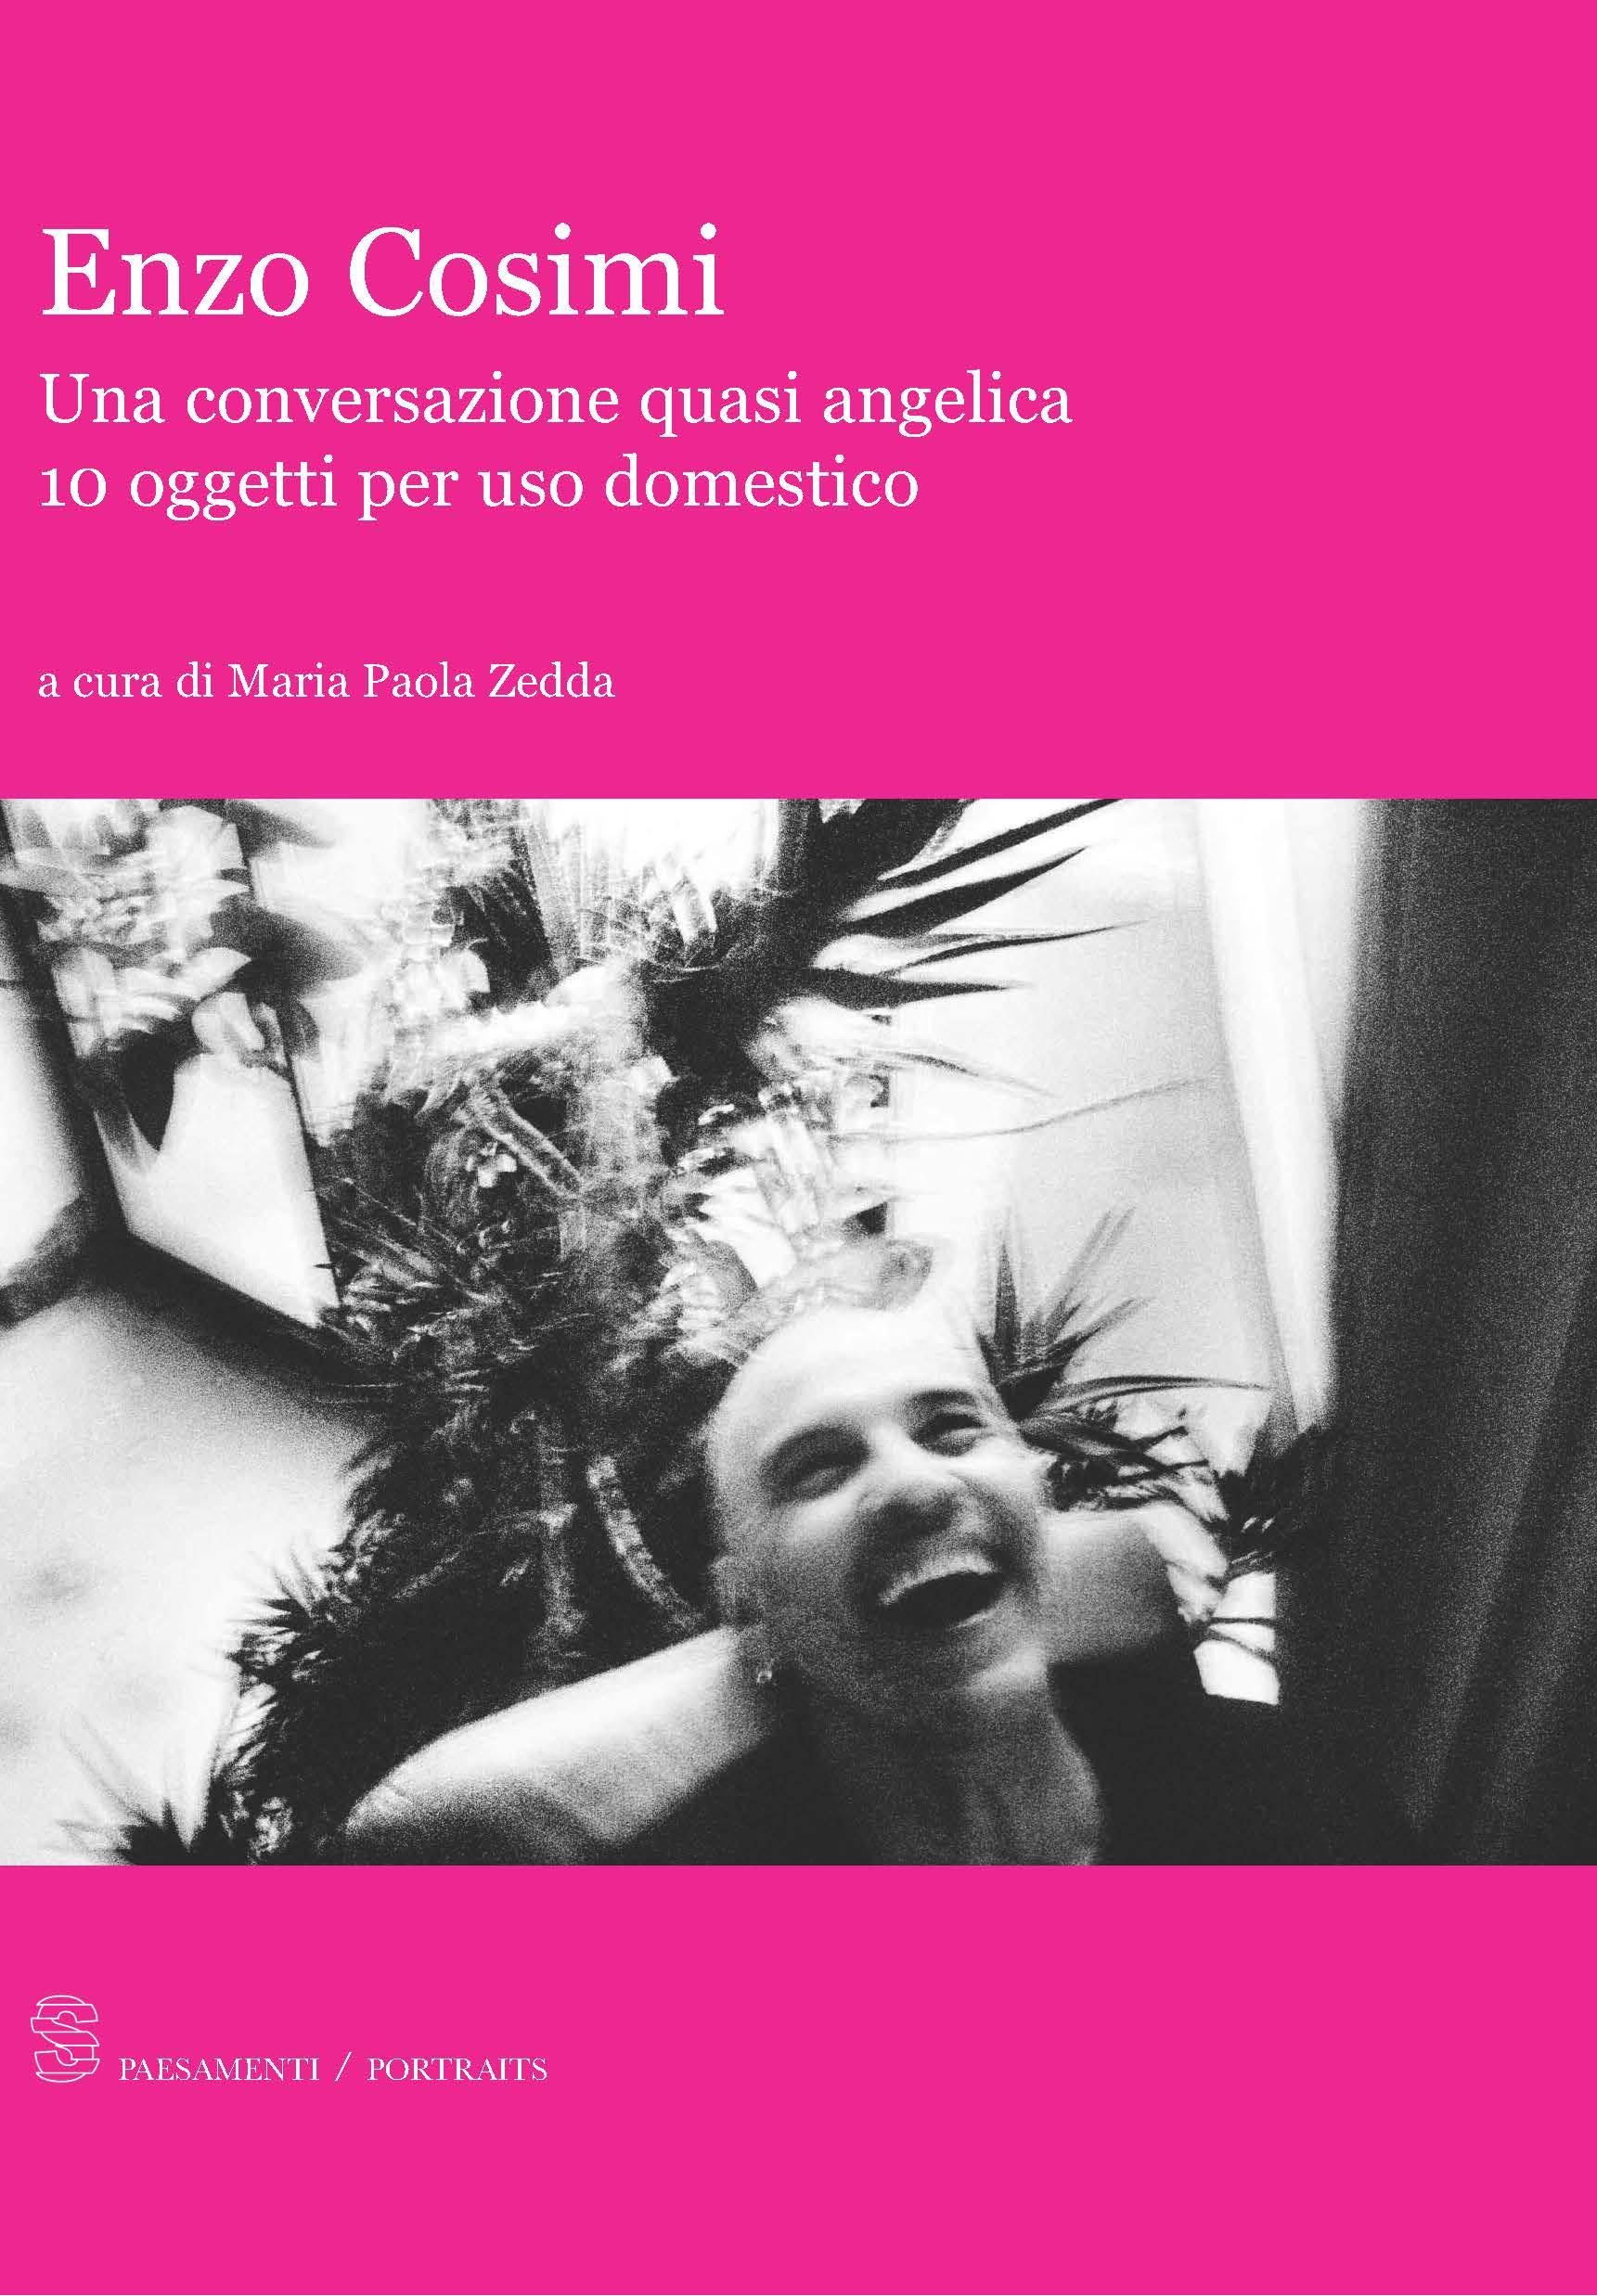 Enzo Cosimi. Una conversazione quasi angelica. 10 oggetti per uso domestico